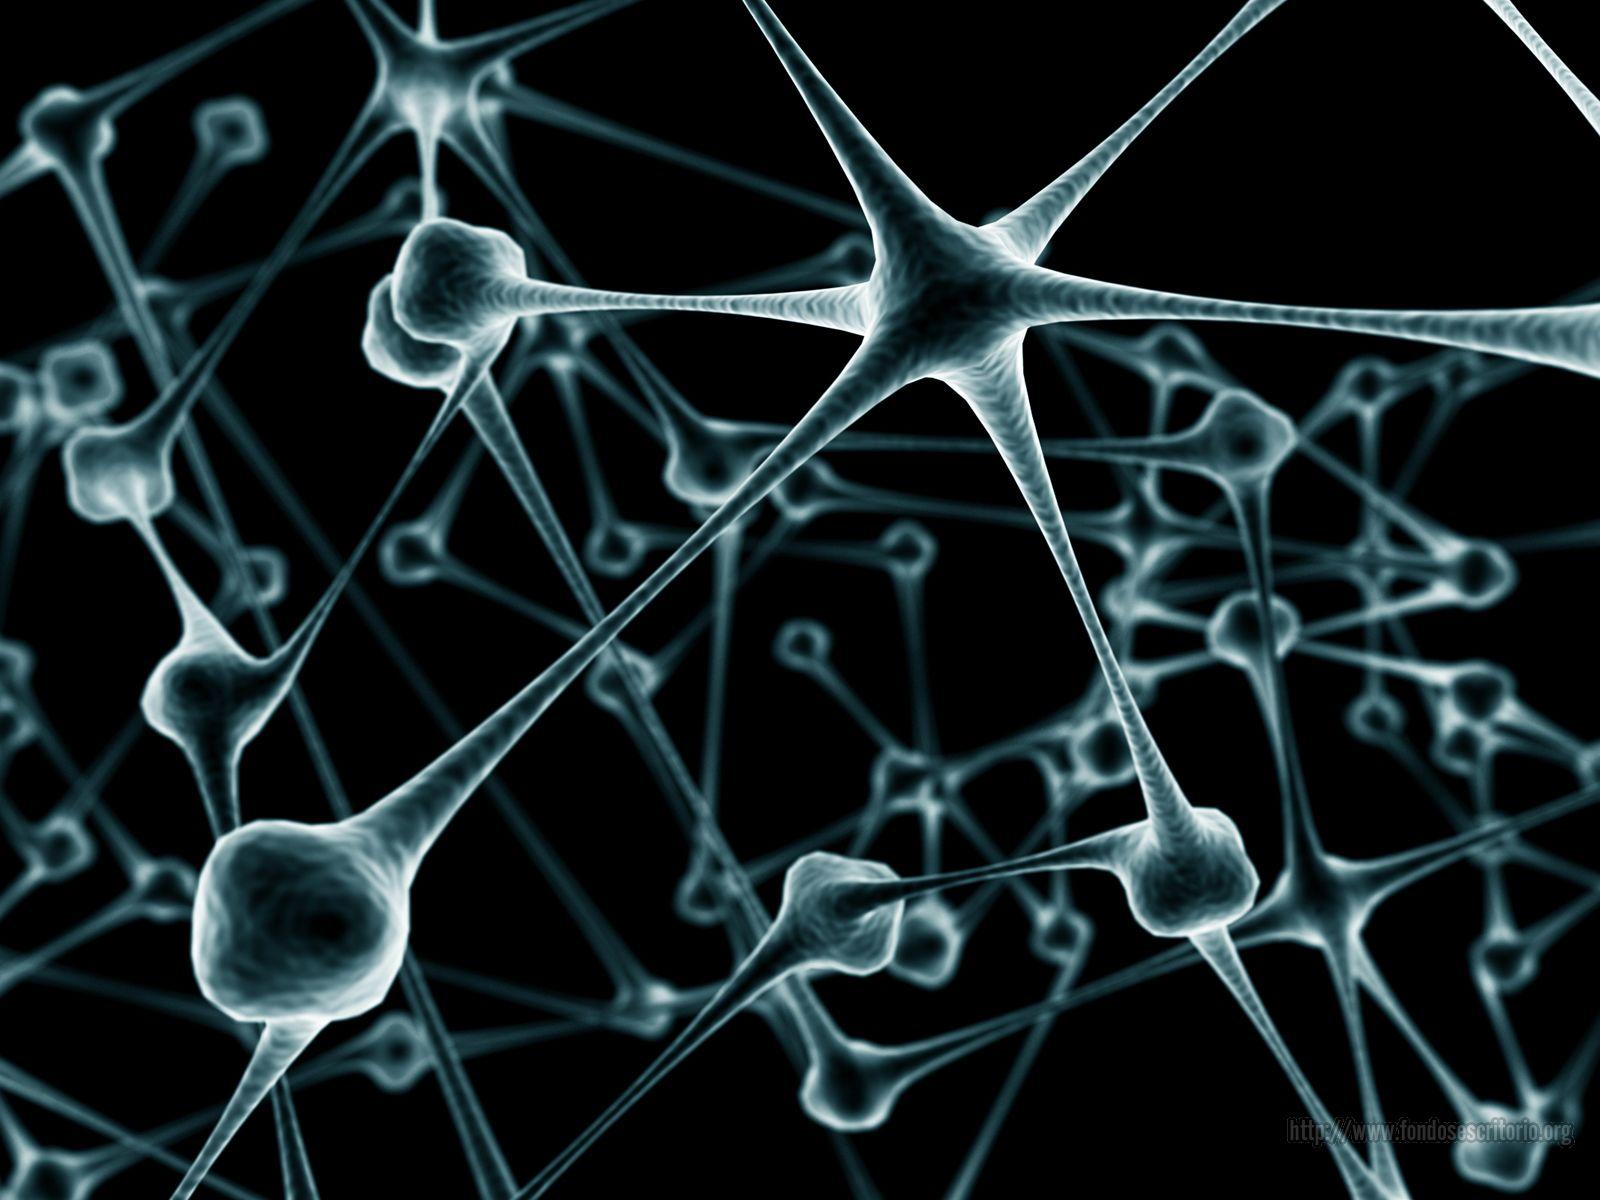 Desarrollan brazo rob  243 tico para las neuronas entre el MIT y Georgia    Neurons Wallpaper Black And White